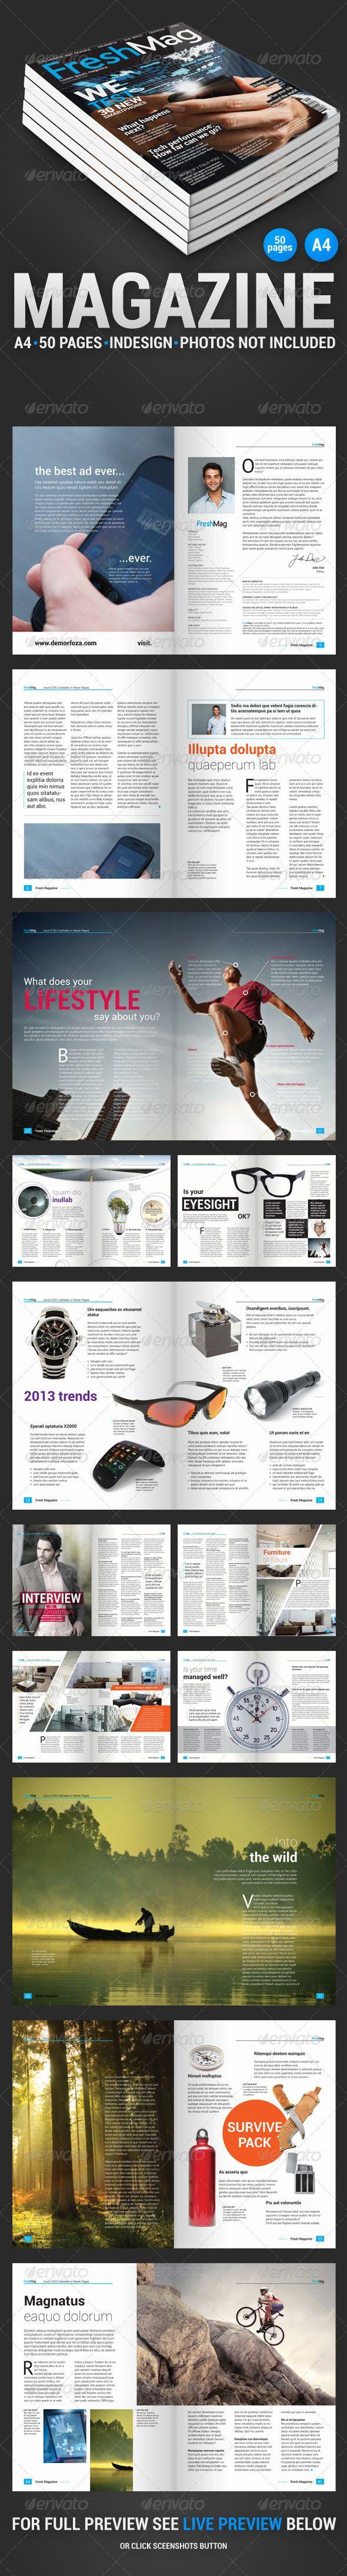 FreshMag 50 Page Magazine | Diseño editorial, Editorial y Revistas